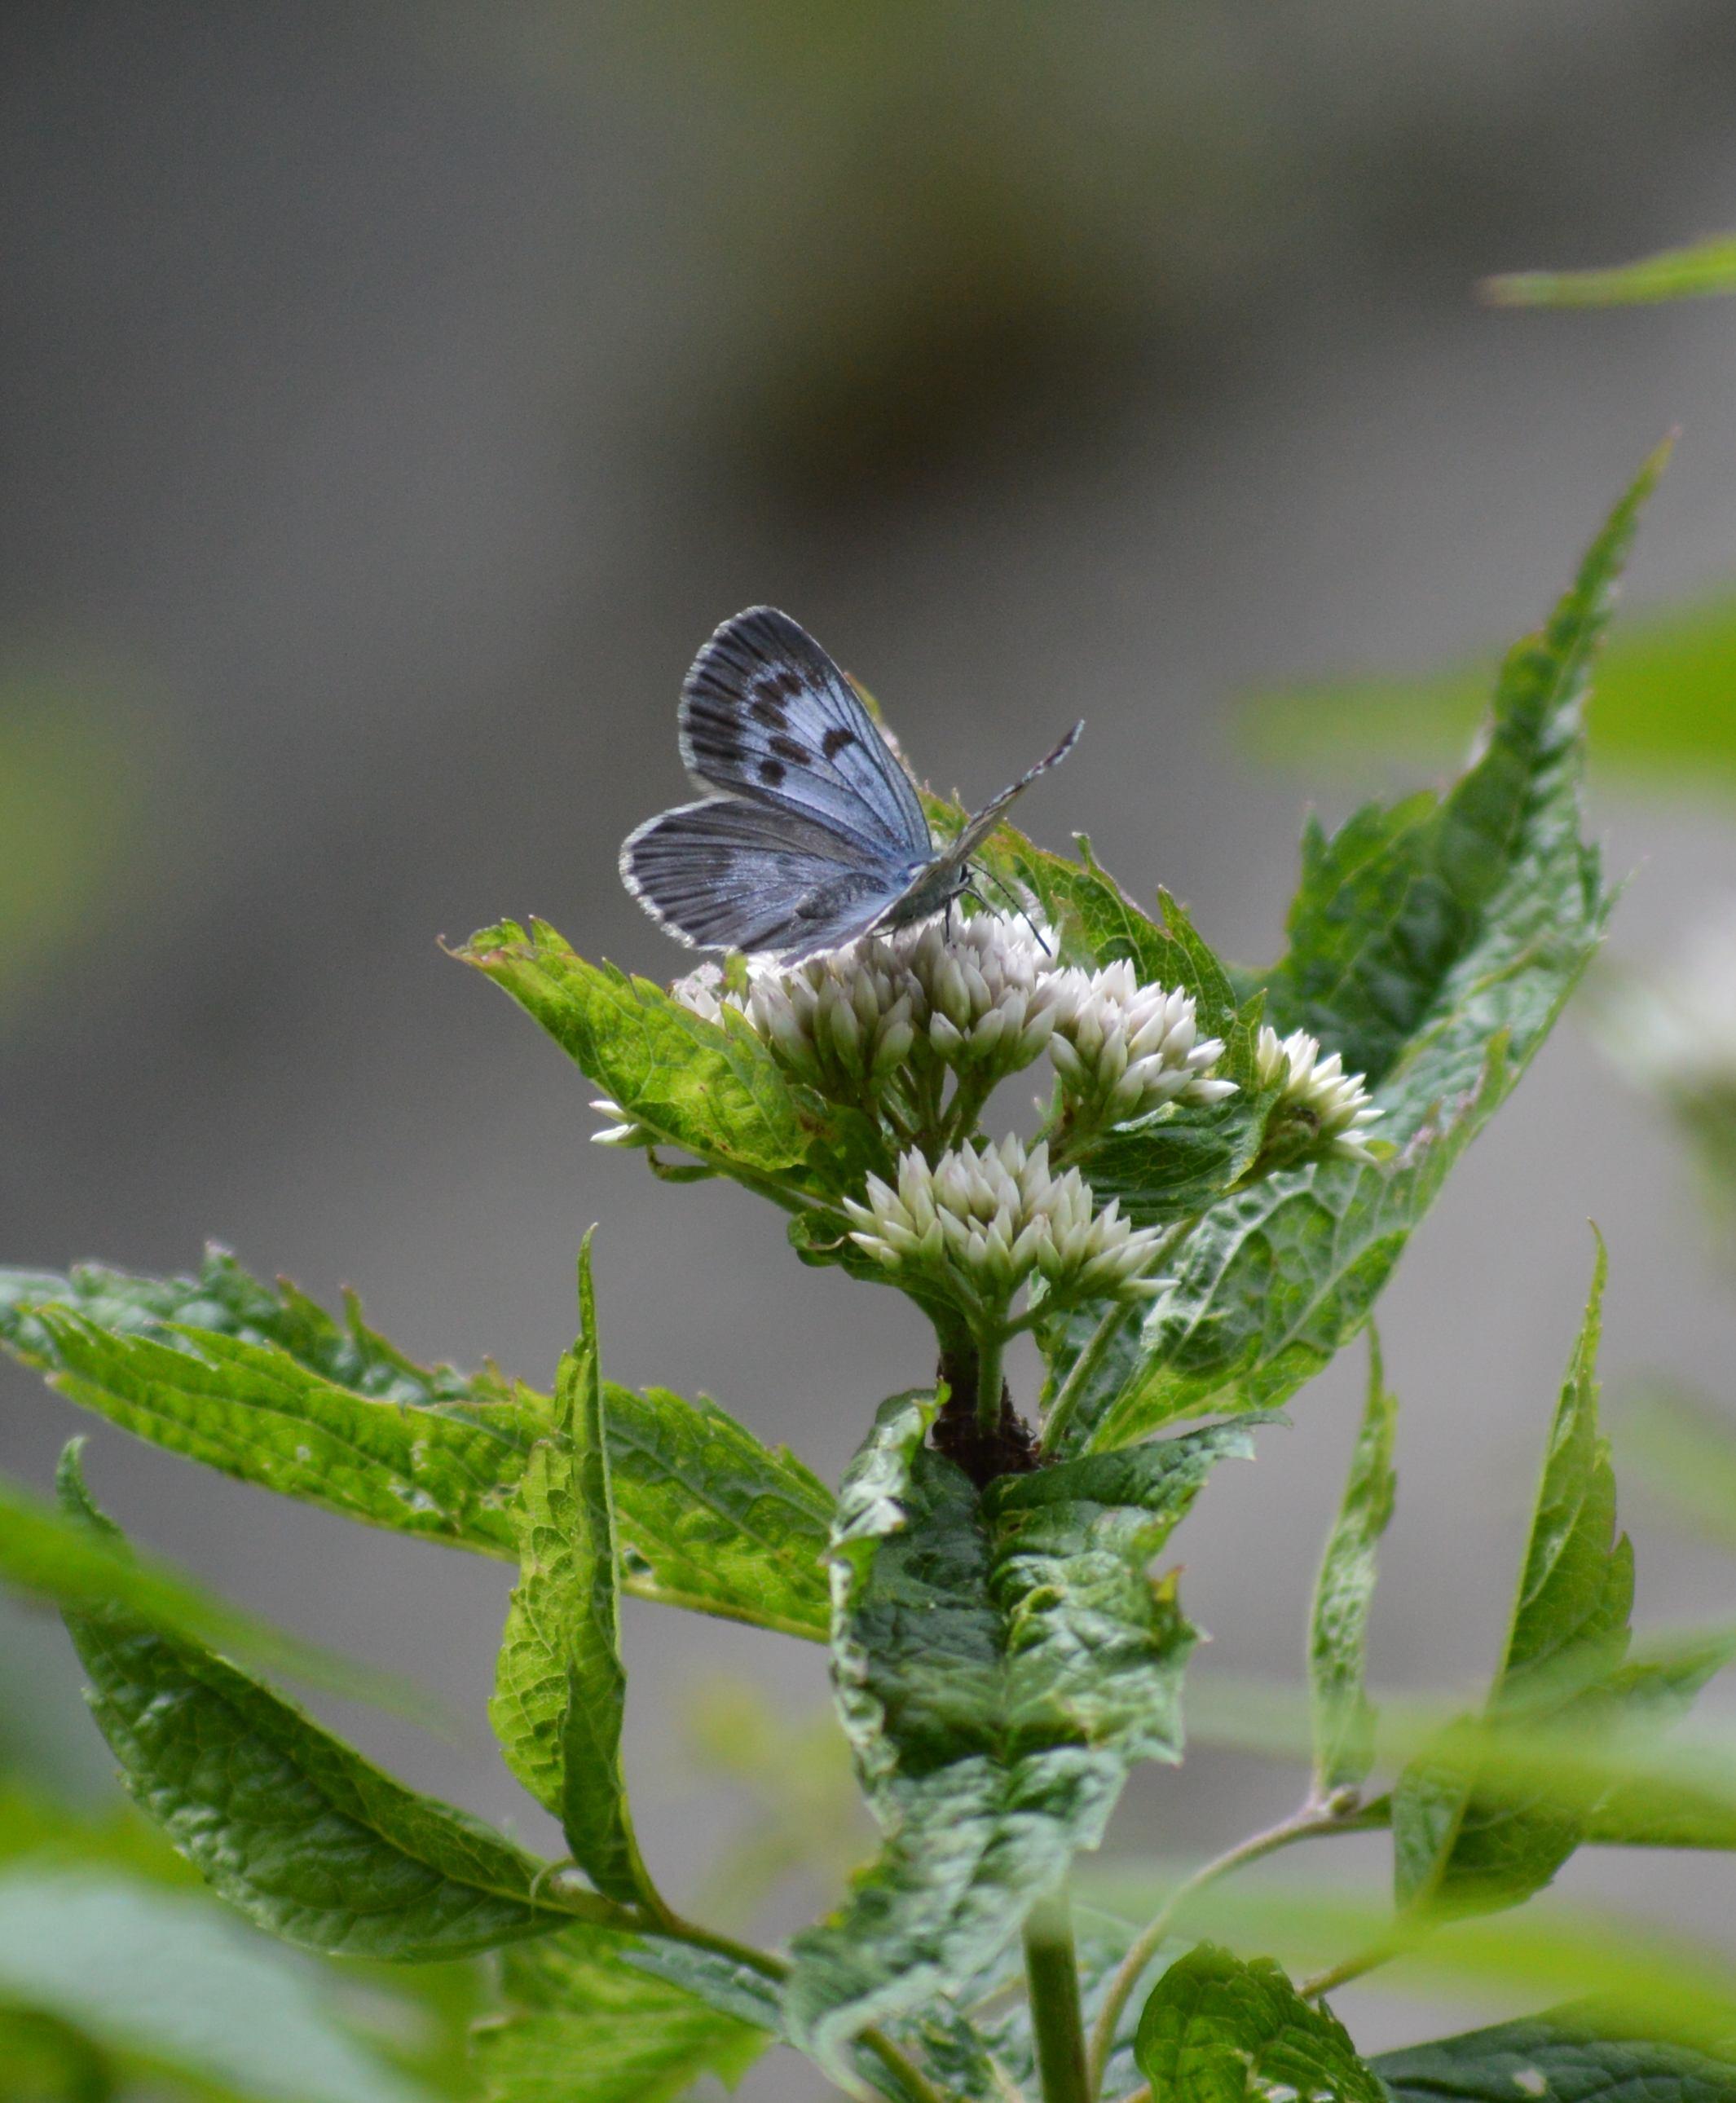 オオゴマシジミ やっぱりハードルの高い蝶でした_d0254540_1525563.jpg